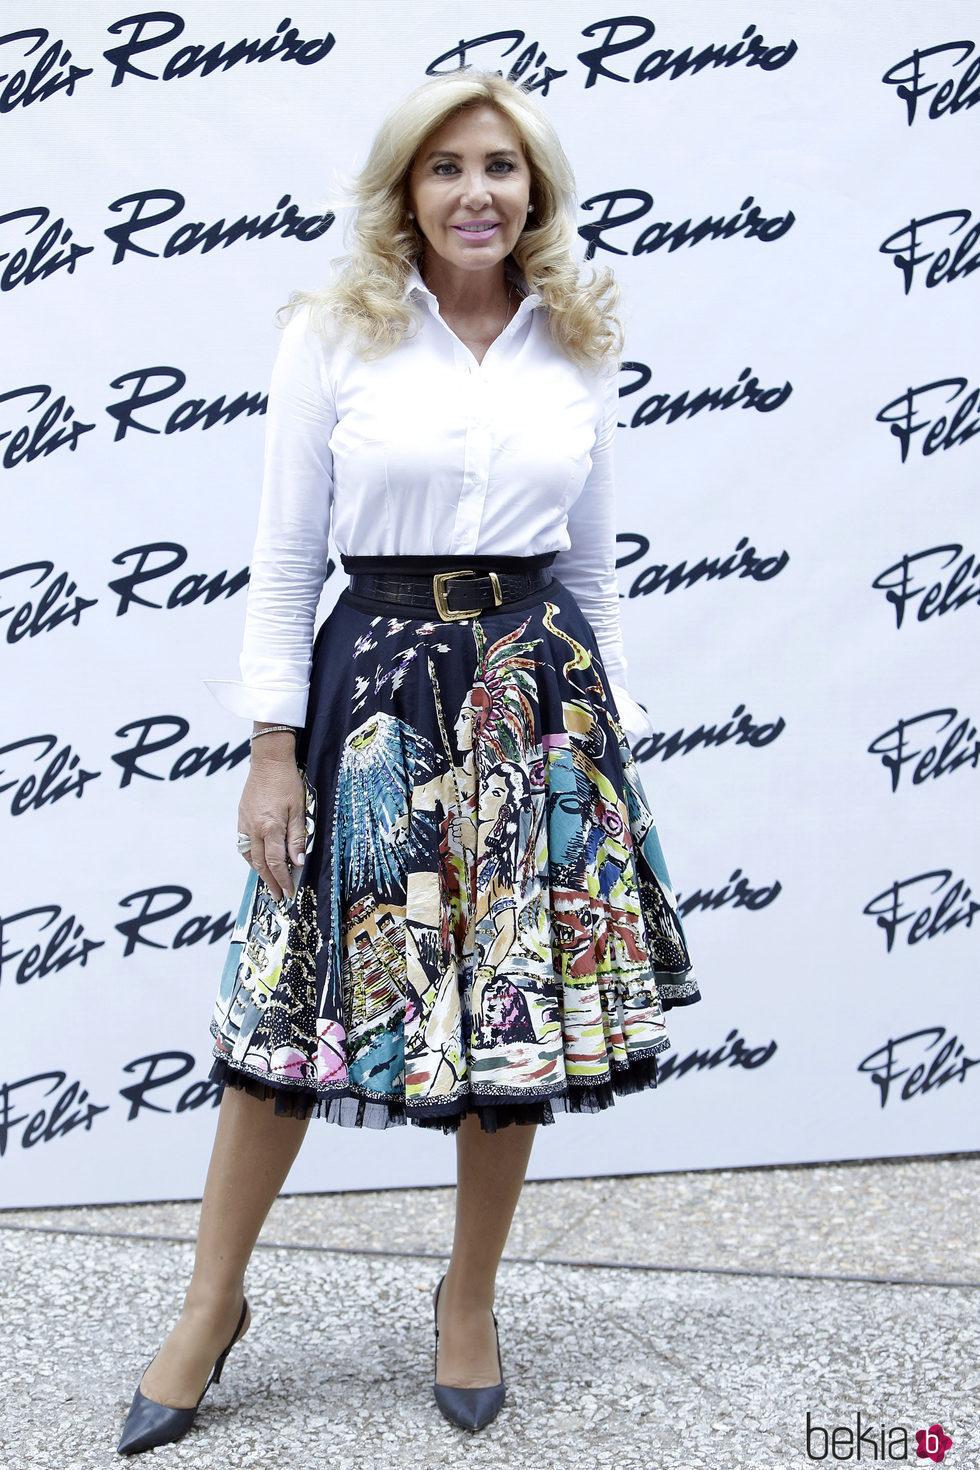 Norma Duval en el desfile de Félix Ramiro en Madrid Fashion Show Men